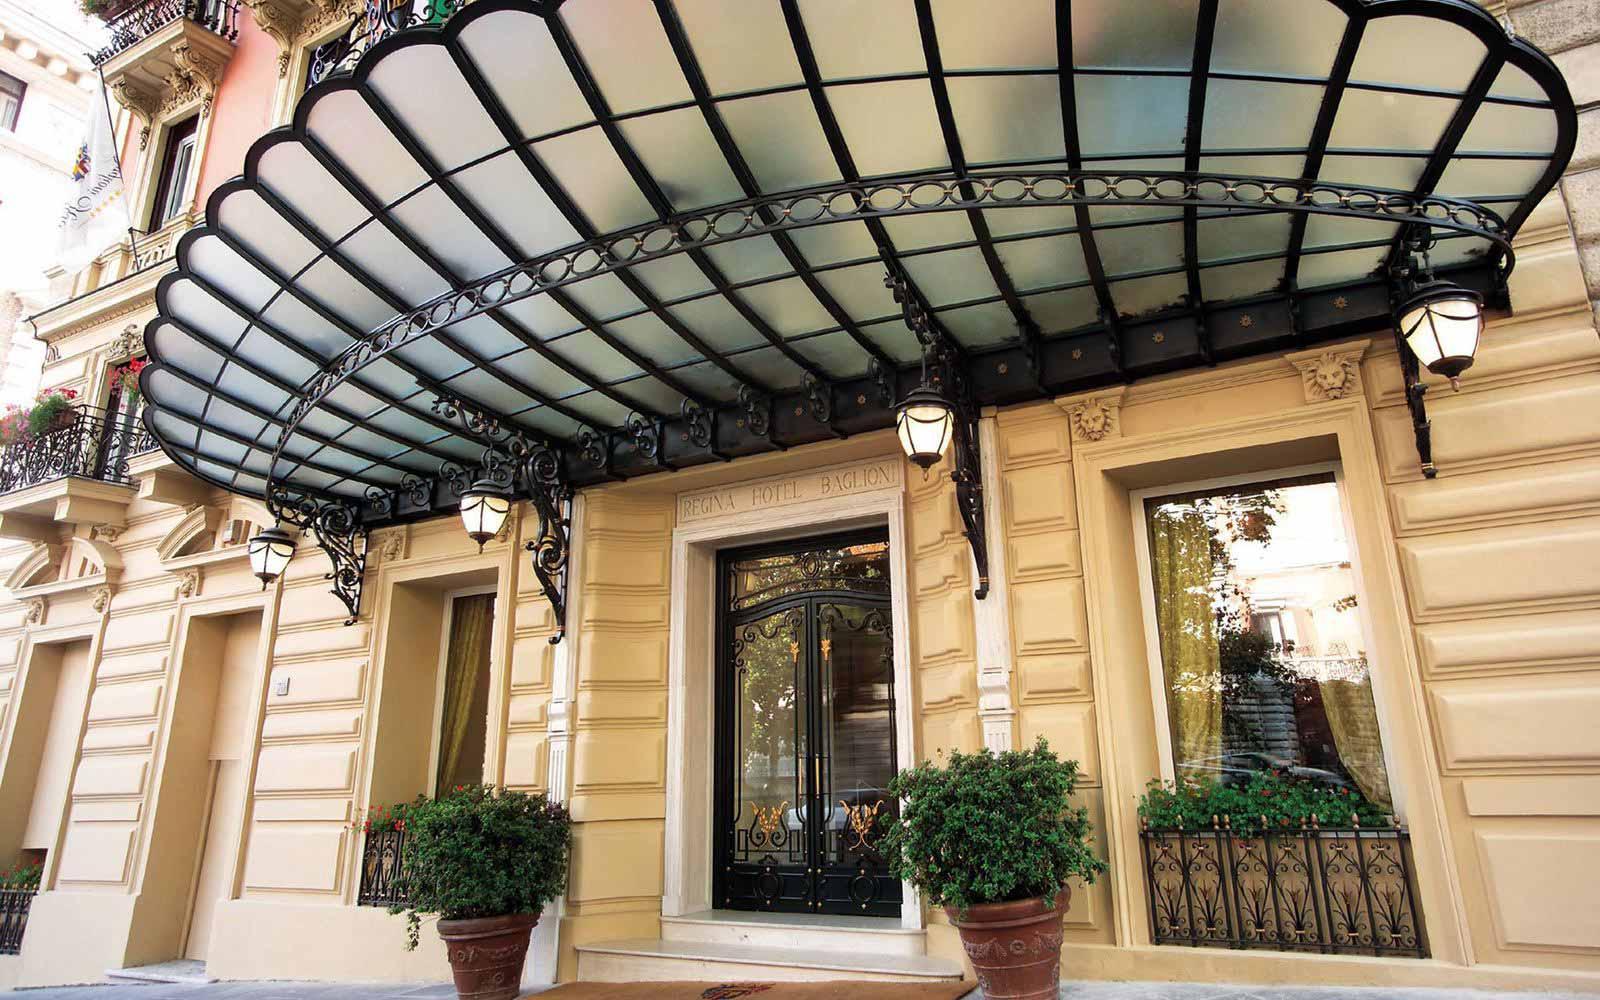 Entrance to Regina Hotel Baglioni